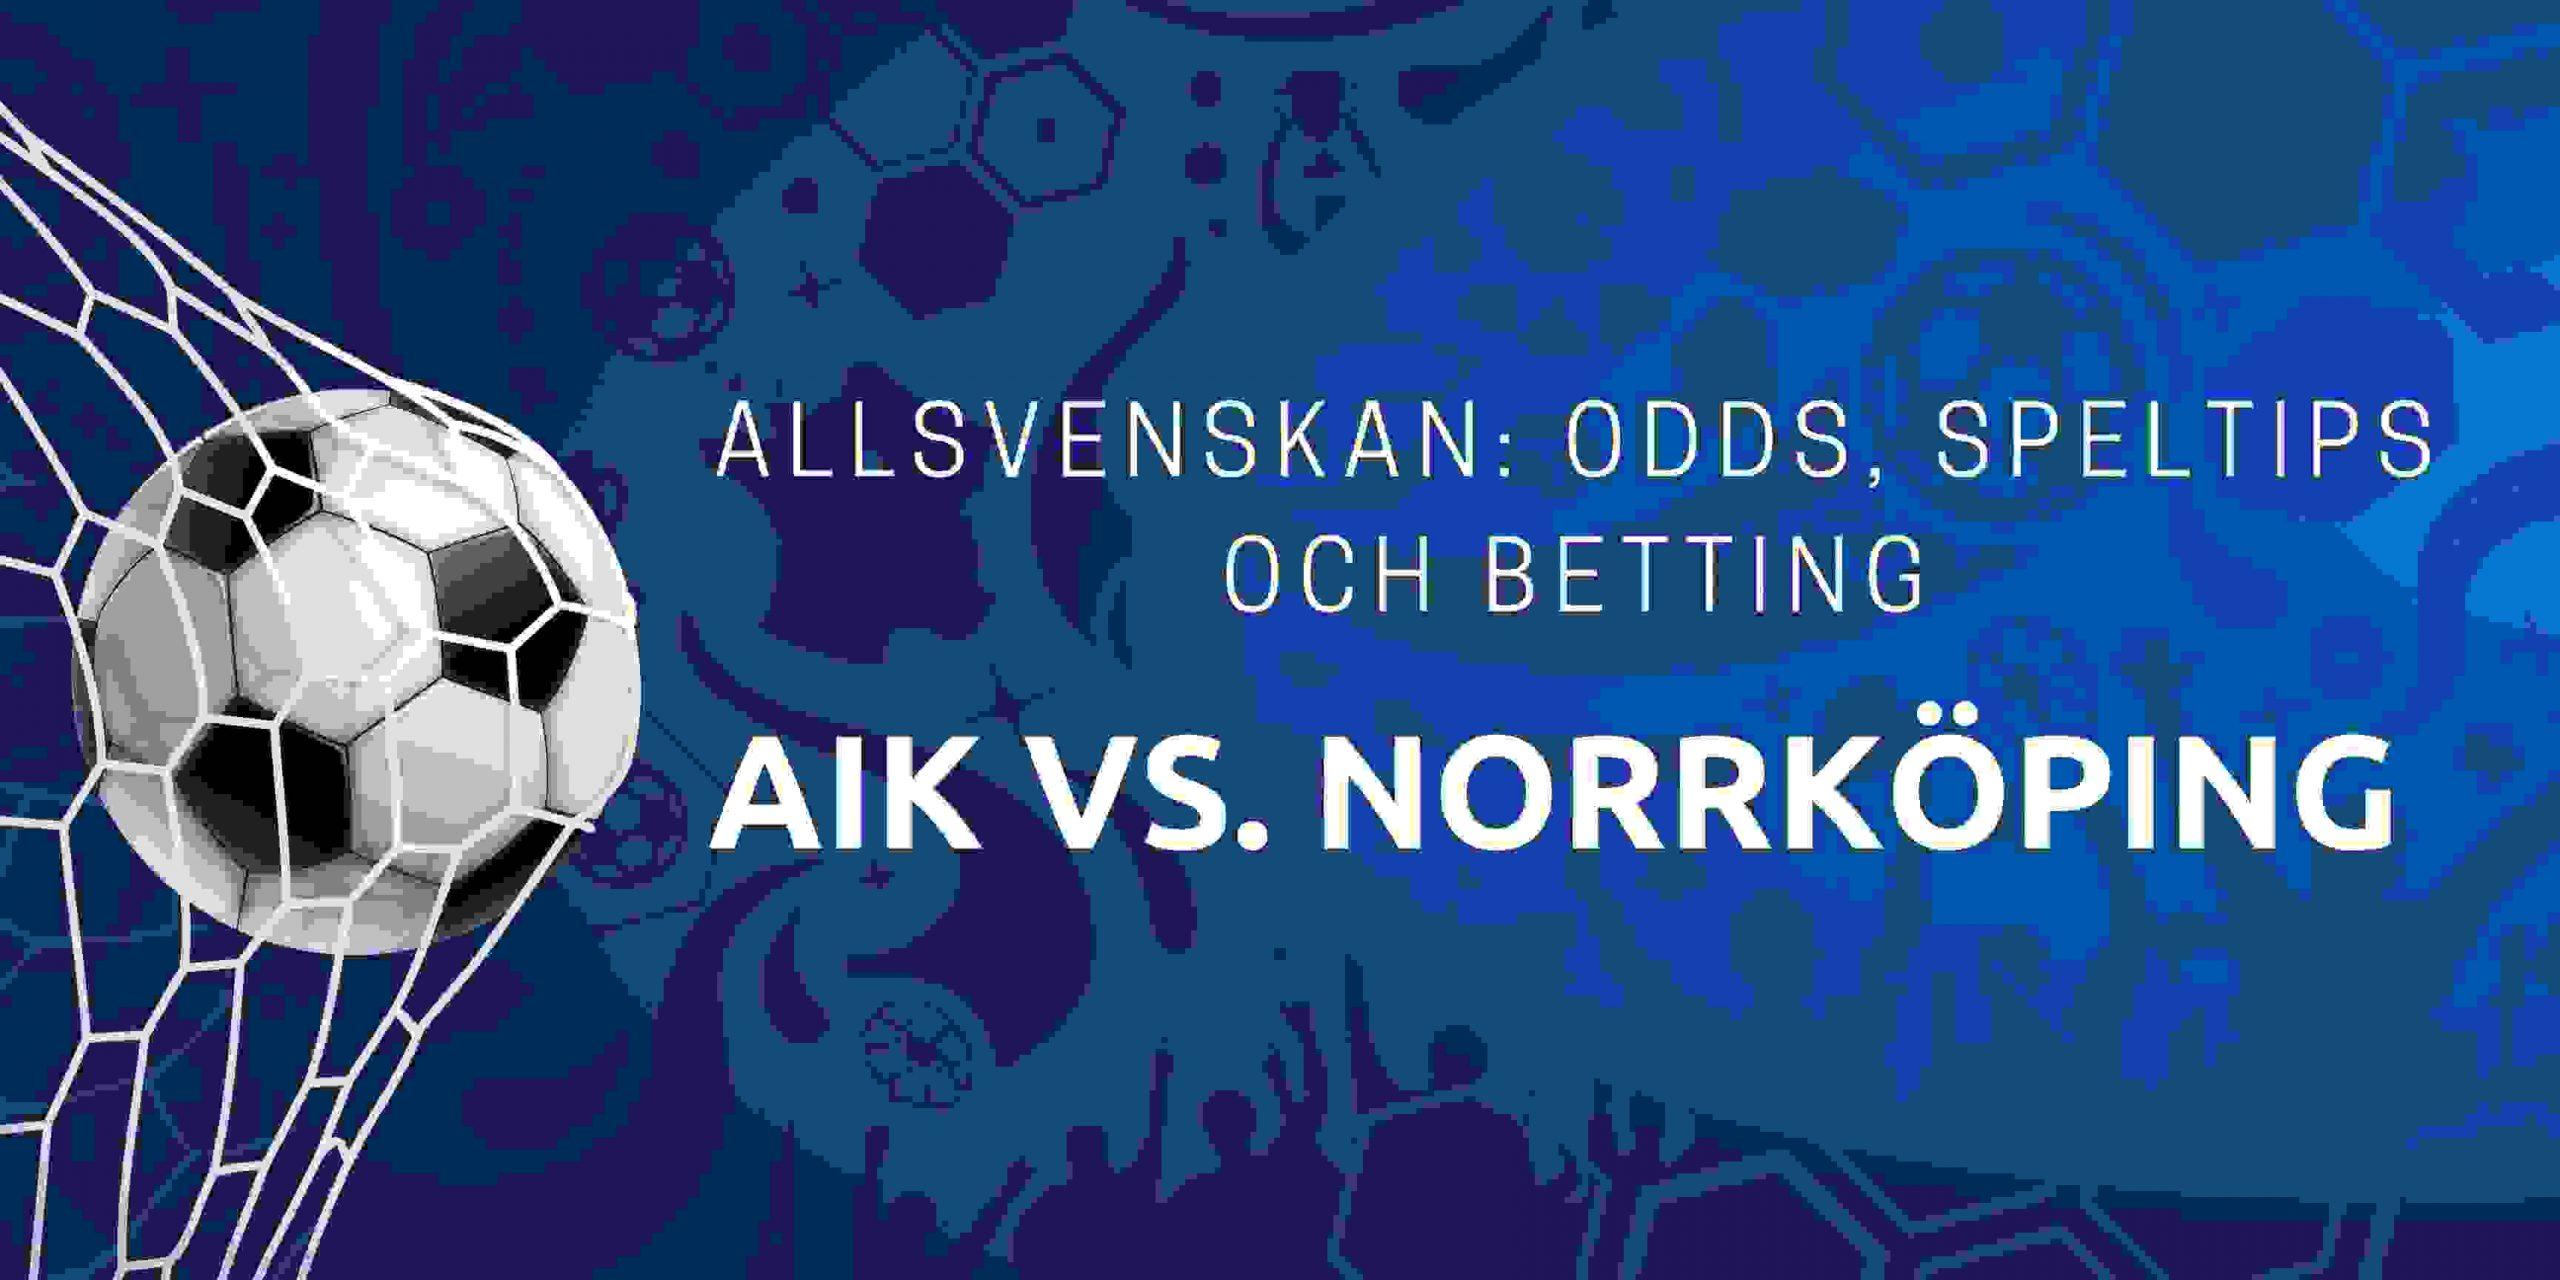 allsvenskan aik vs ifk norrkoping odds